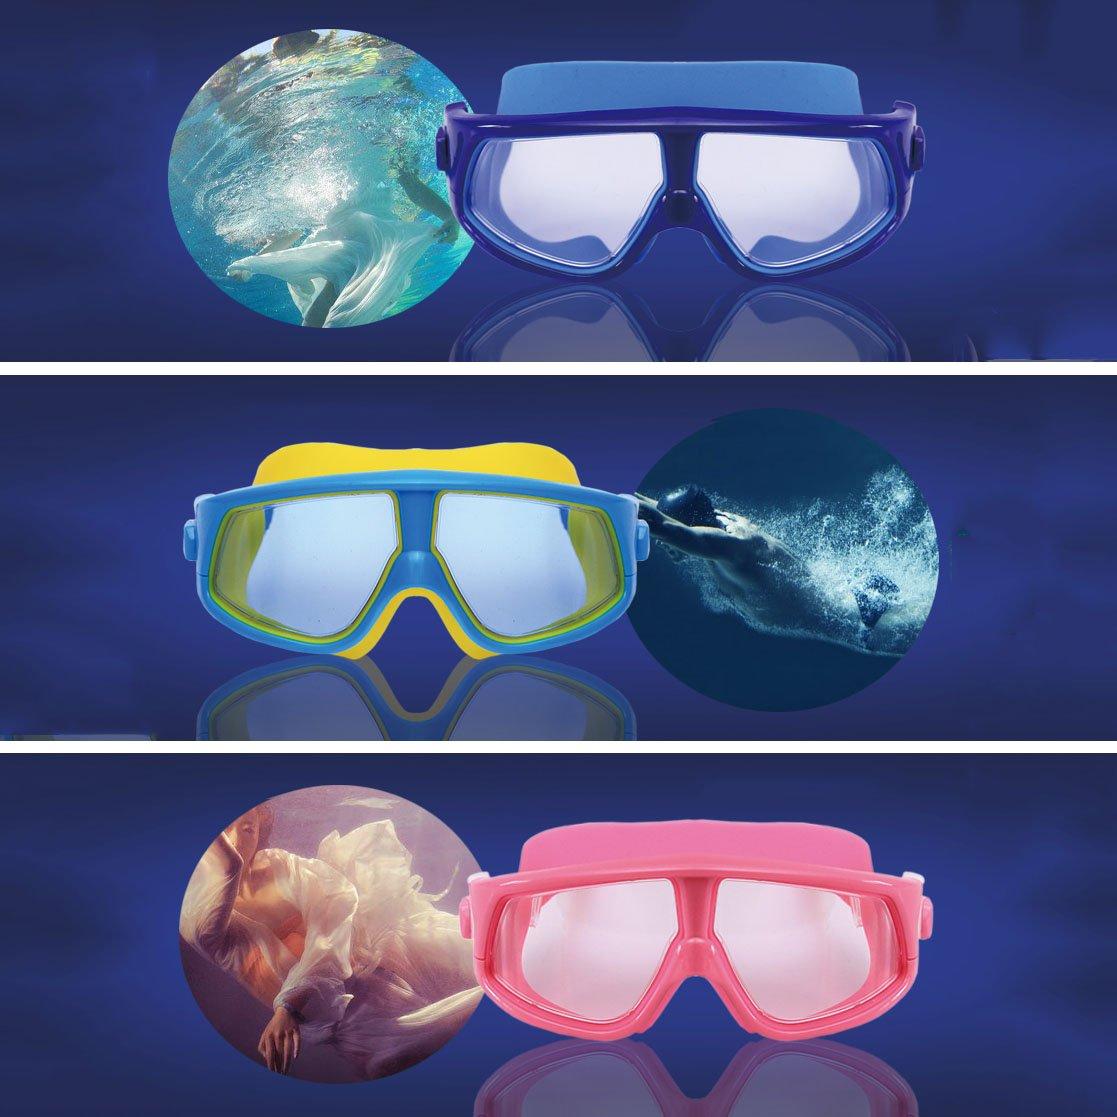 William 337 337 337 Schwimmbrille Kinder Kinder Silikon Wasserdichte Schwimmbrille Pool Wasser für Jungen Schwimmen Goggle (Farbe   B) B07FFS1BHP Schwimmbrillen Qualität zuerst 87435d